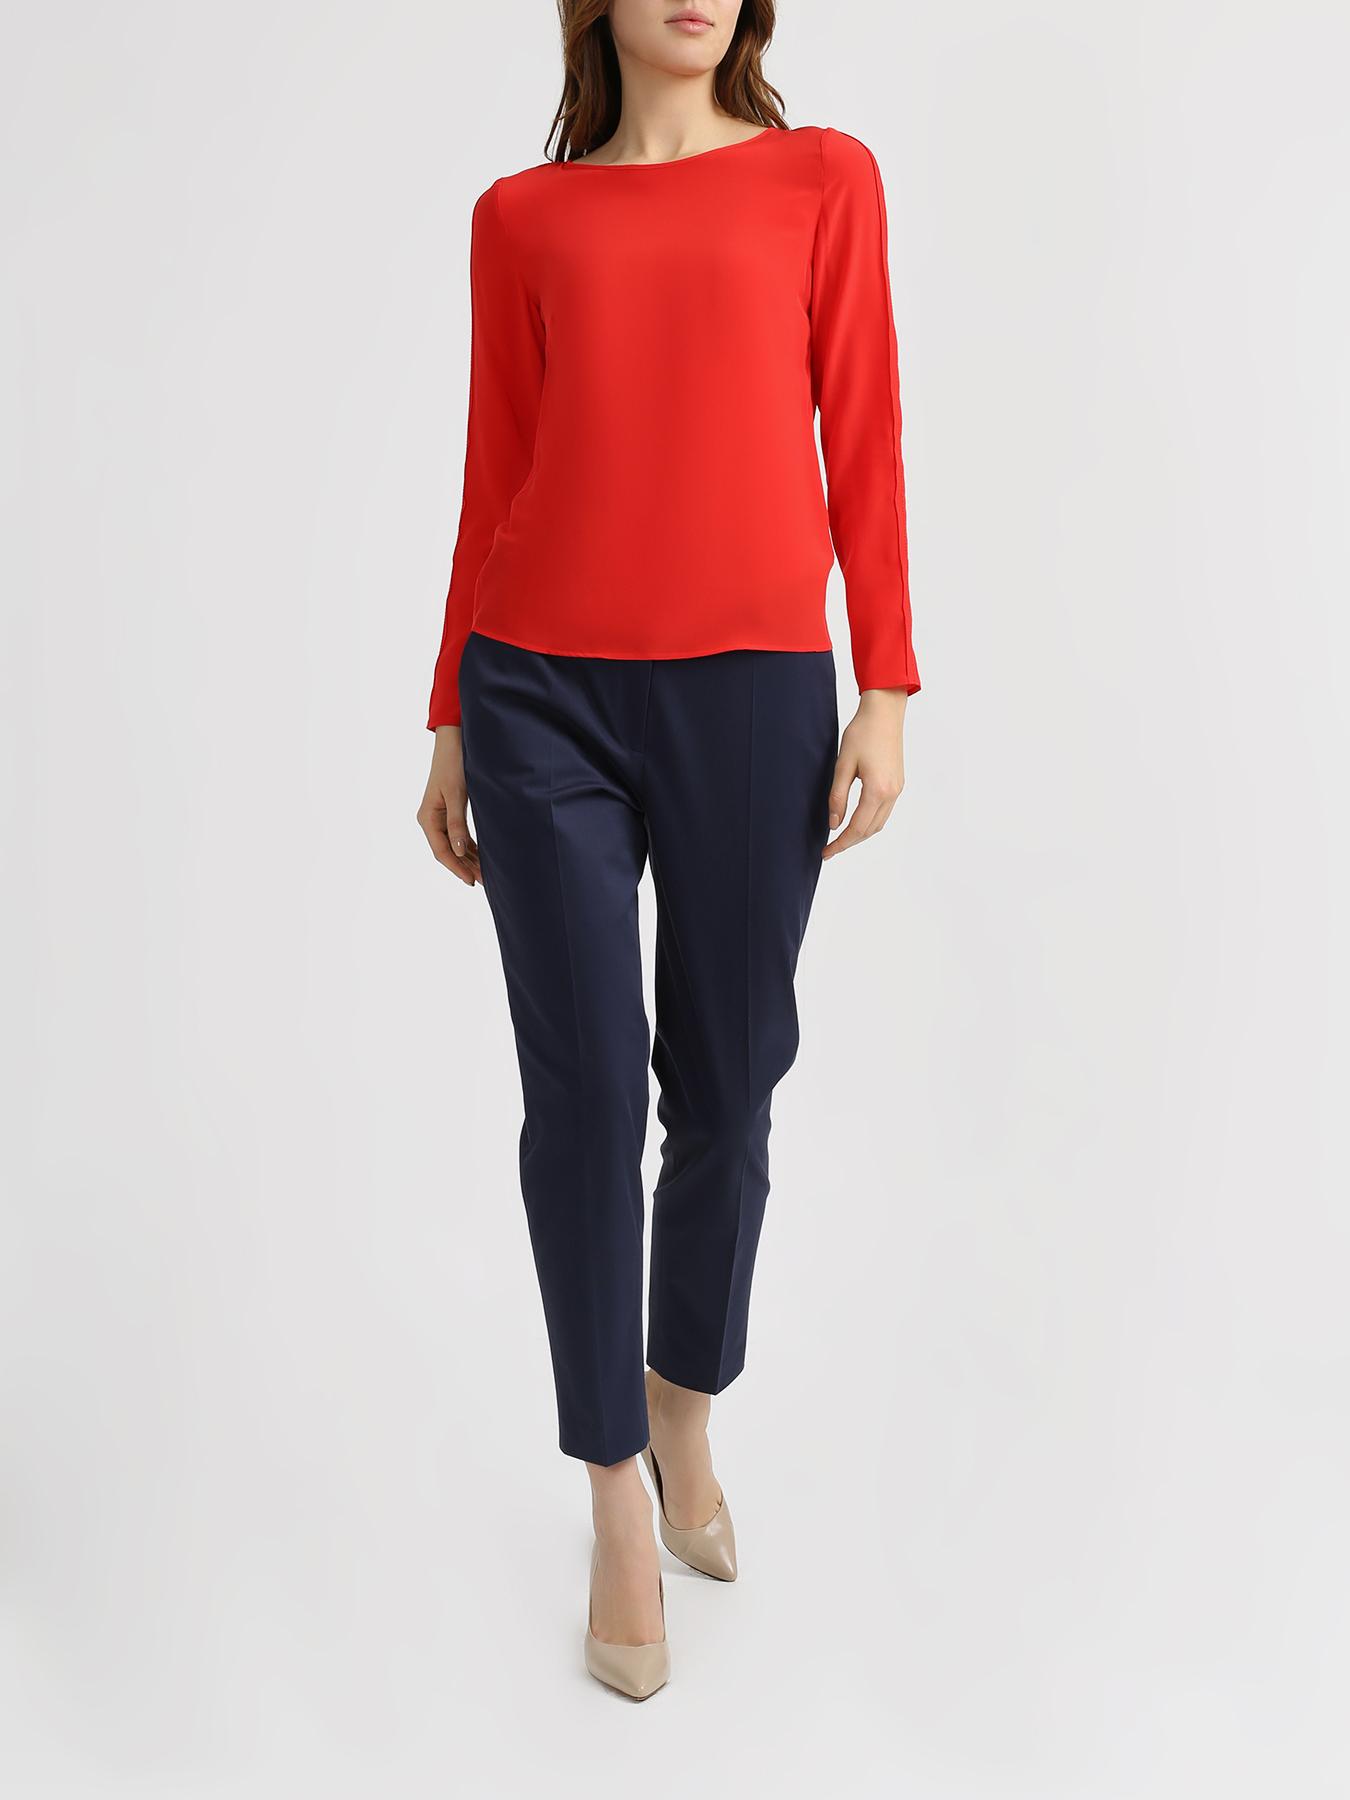 цены Блузка Patrizia Pepe Шелковая блузка